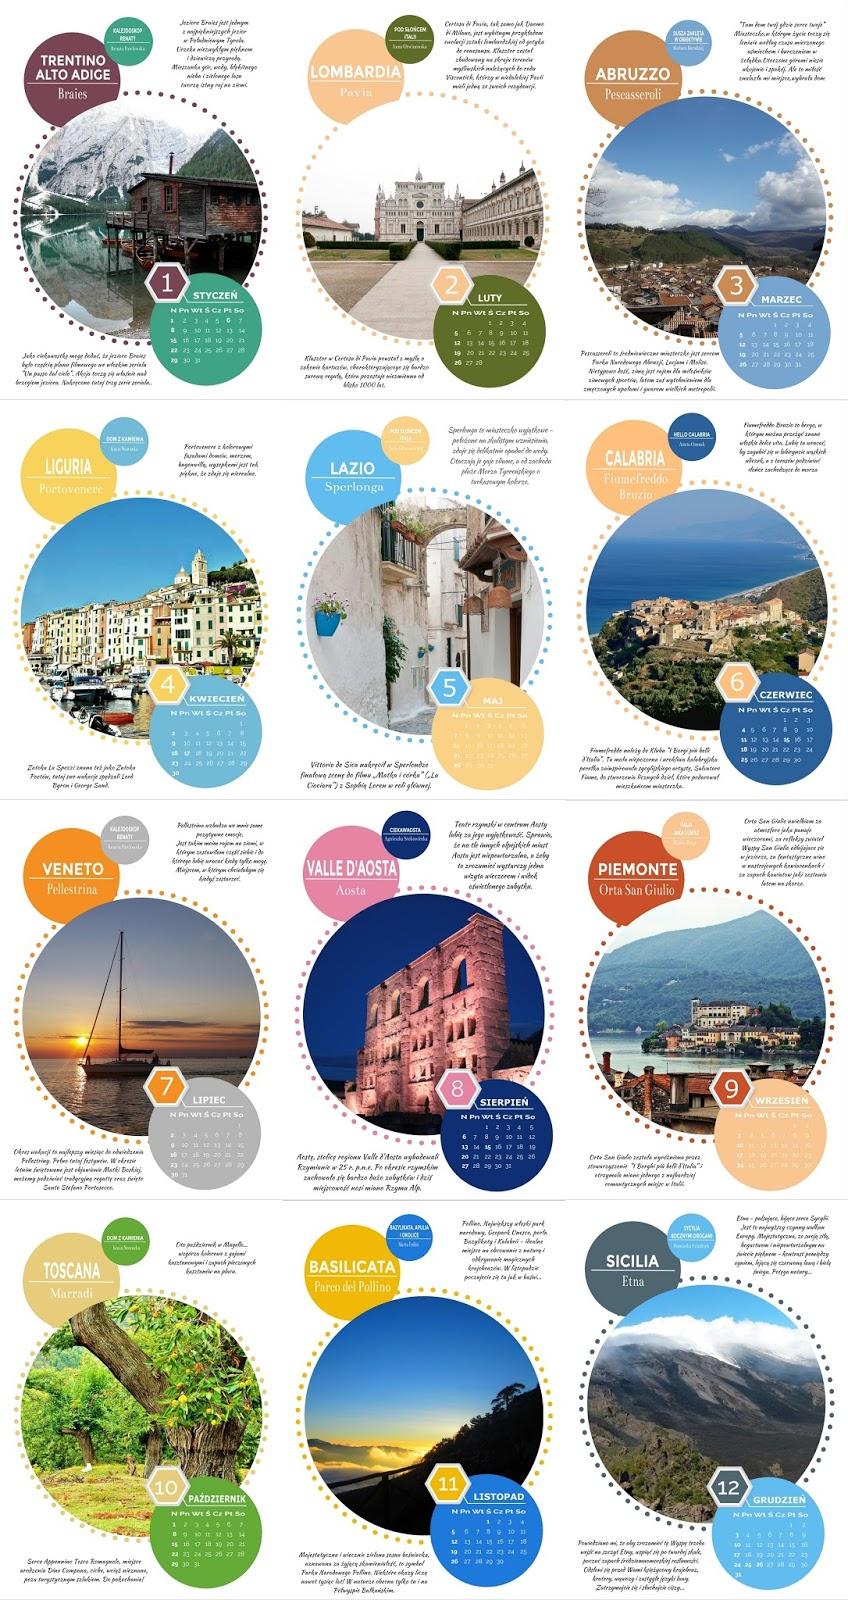 Kalendarz Italia Włochy